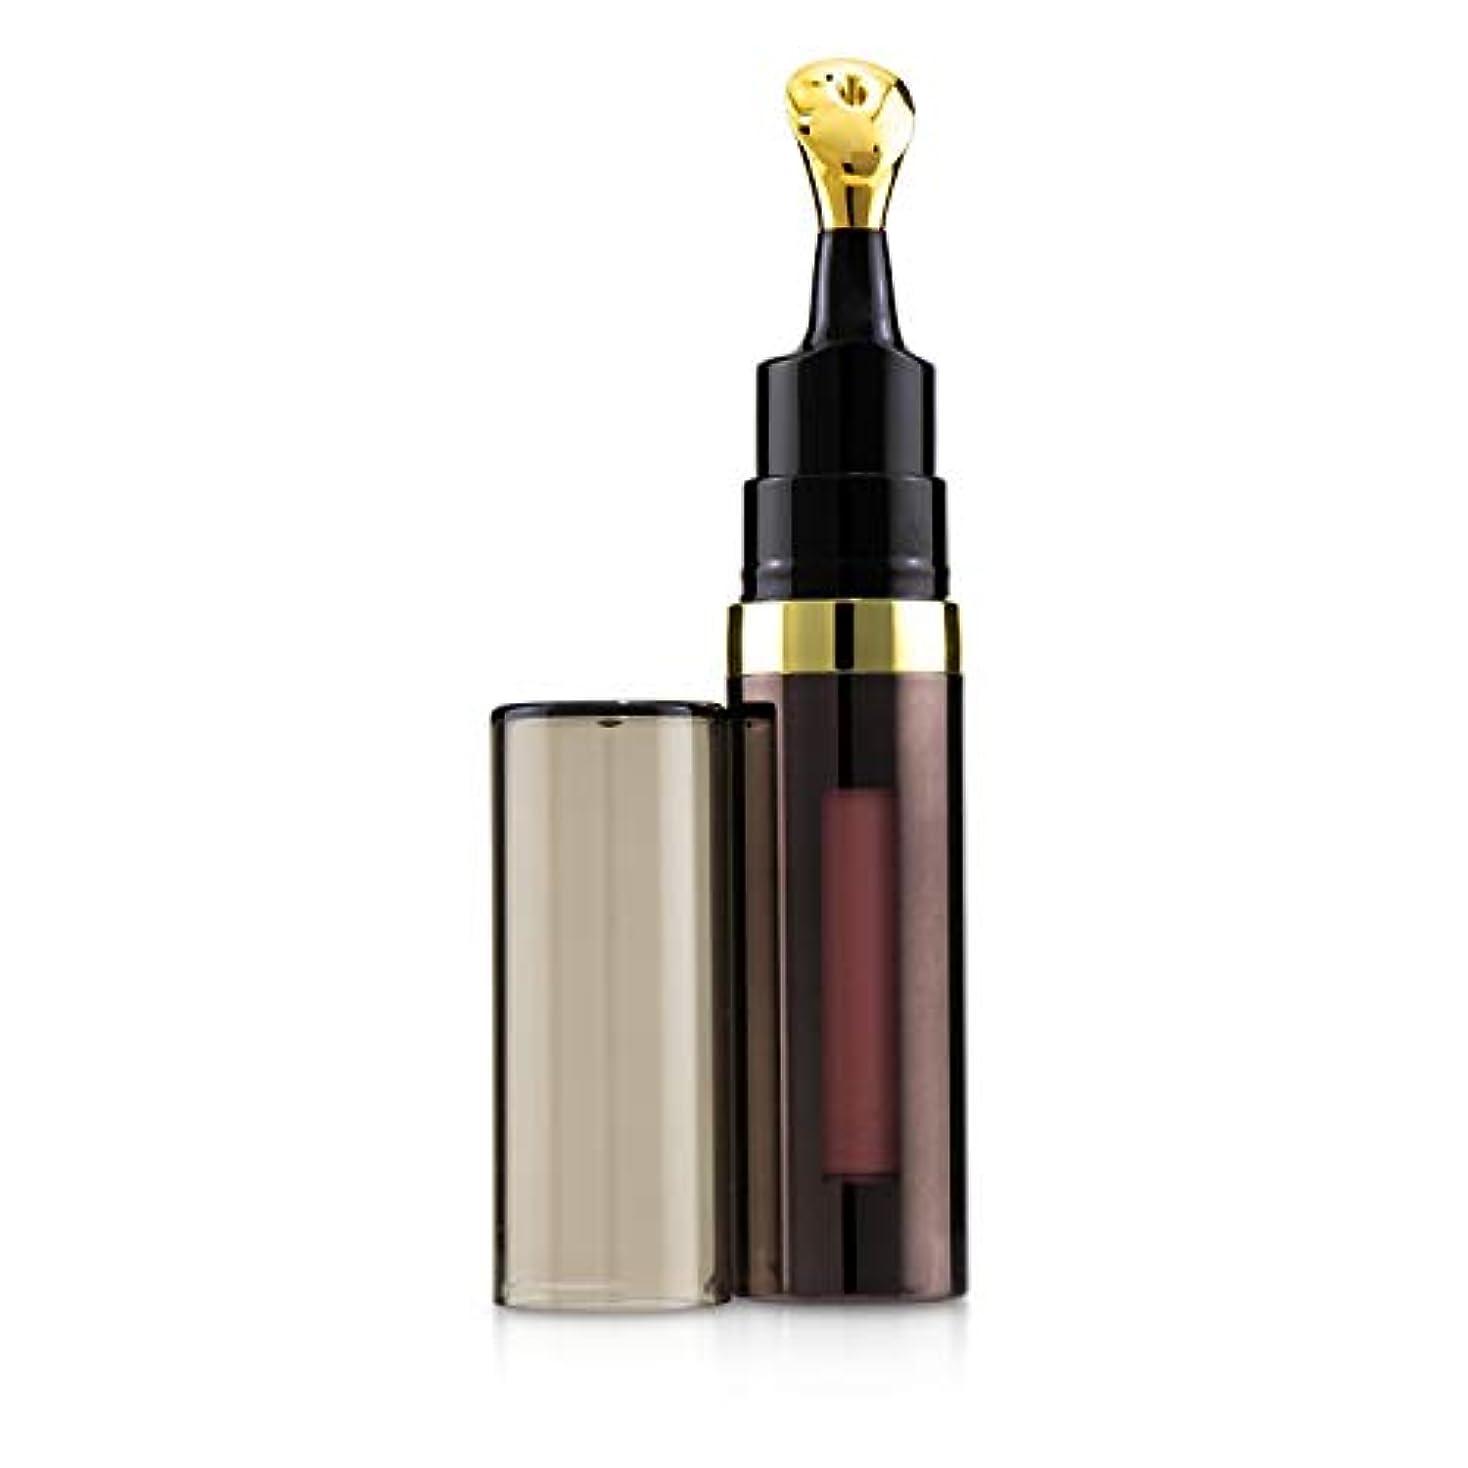 ブラケット貫通雑種アワーグラス No.28 Lip Treatment Oil - # Bare (Peachy Pink) 7.5ml/0.25oz並行輸入品